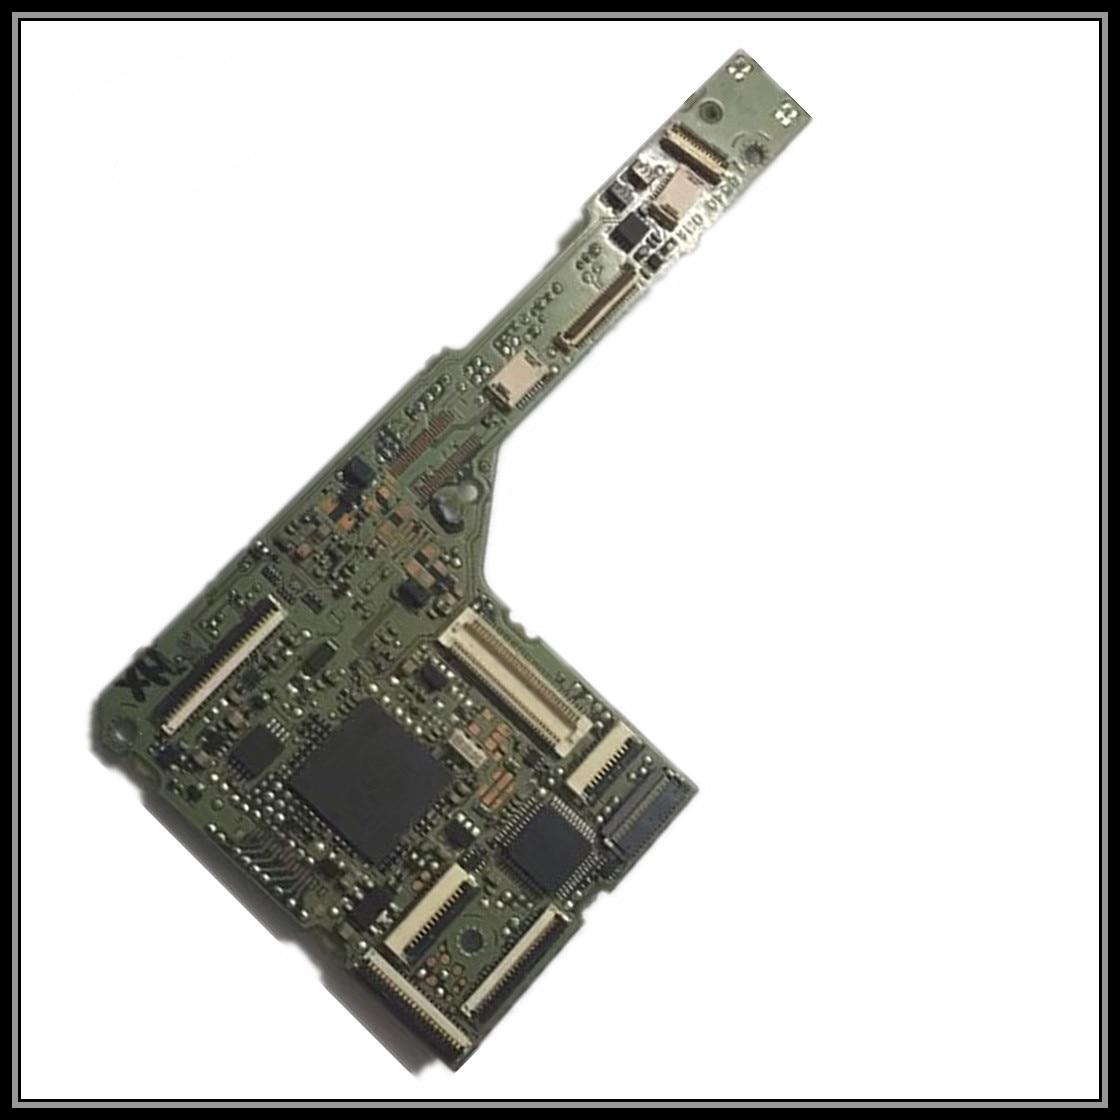 Original 450D Digital XSi KISS Main Board PCB MCU Mother Board Programmed For Canon 450D Digital XSi KISS